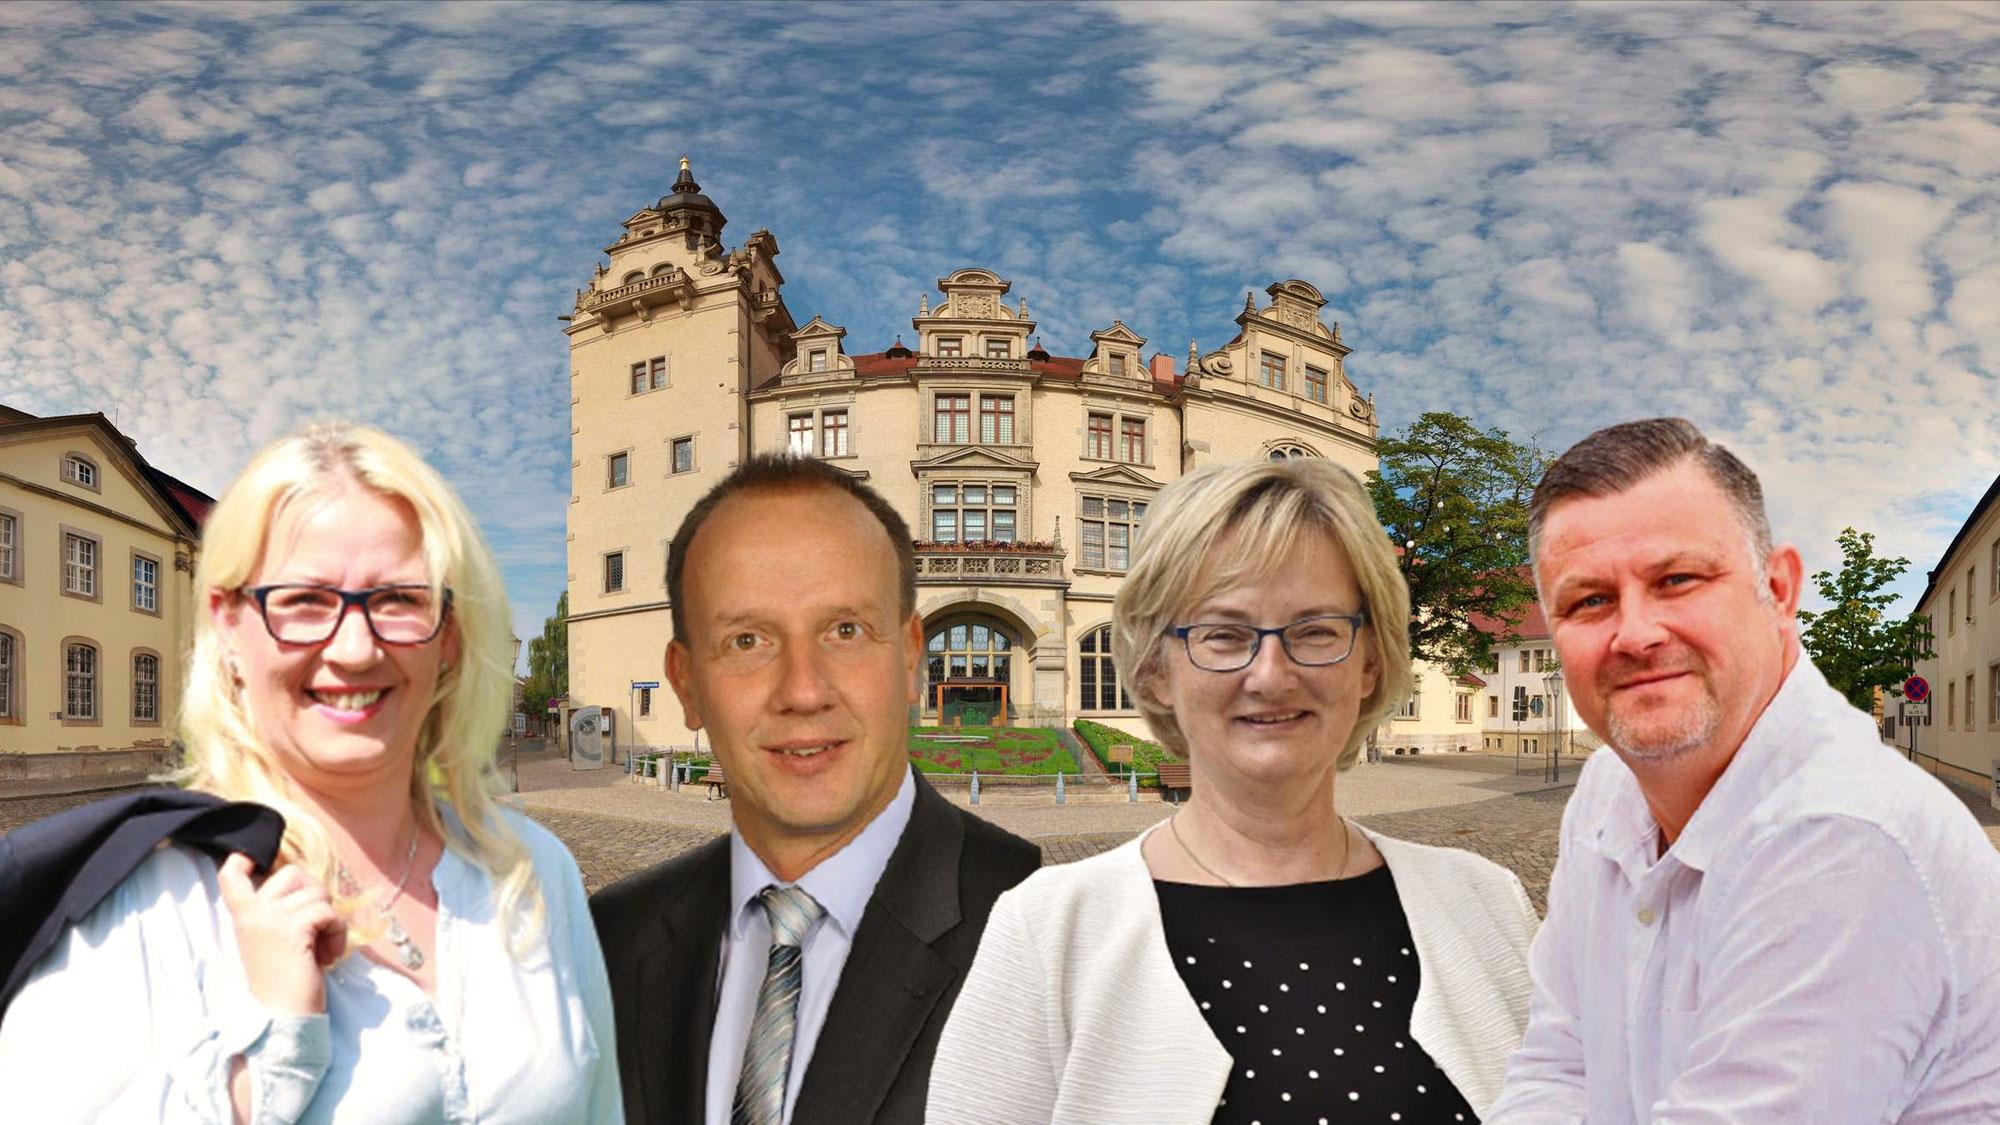 Kandidaten zur Oberbürgermeisterwahl in Bernburg